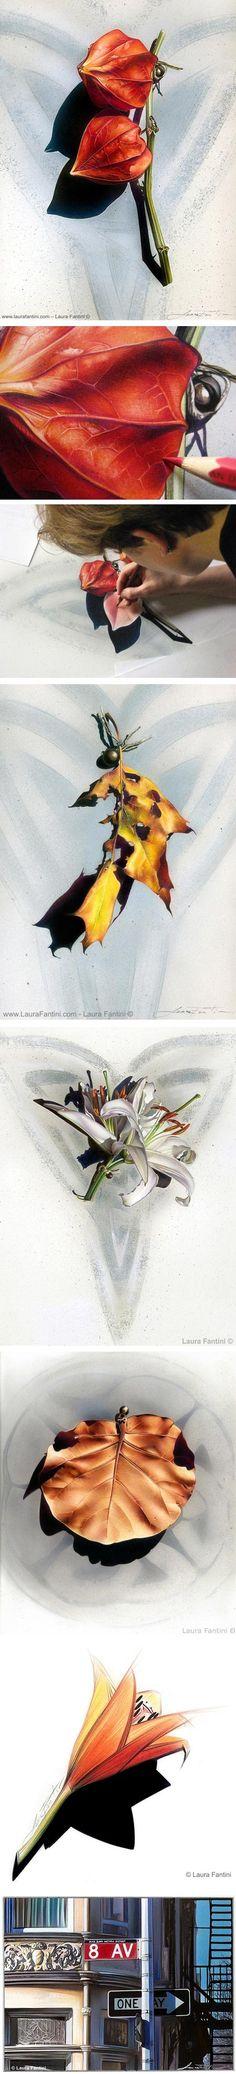 Beautiful drawings by Laura Fantini